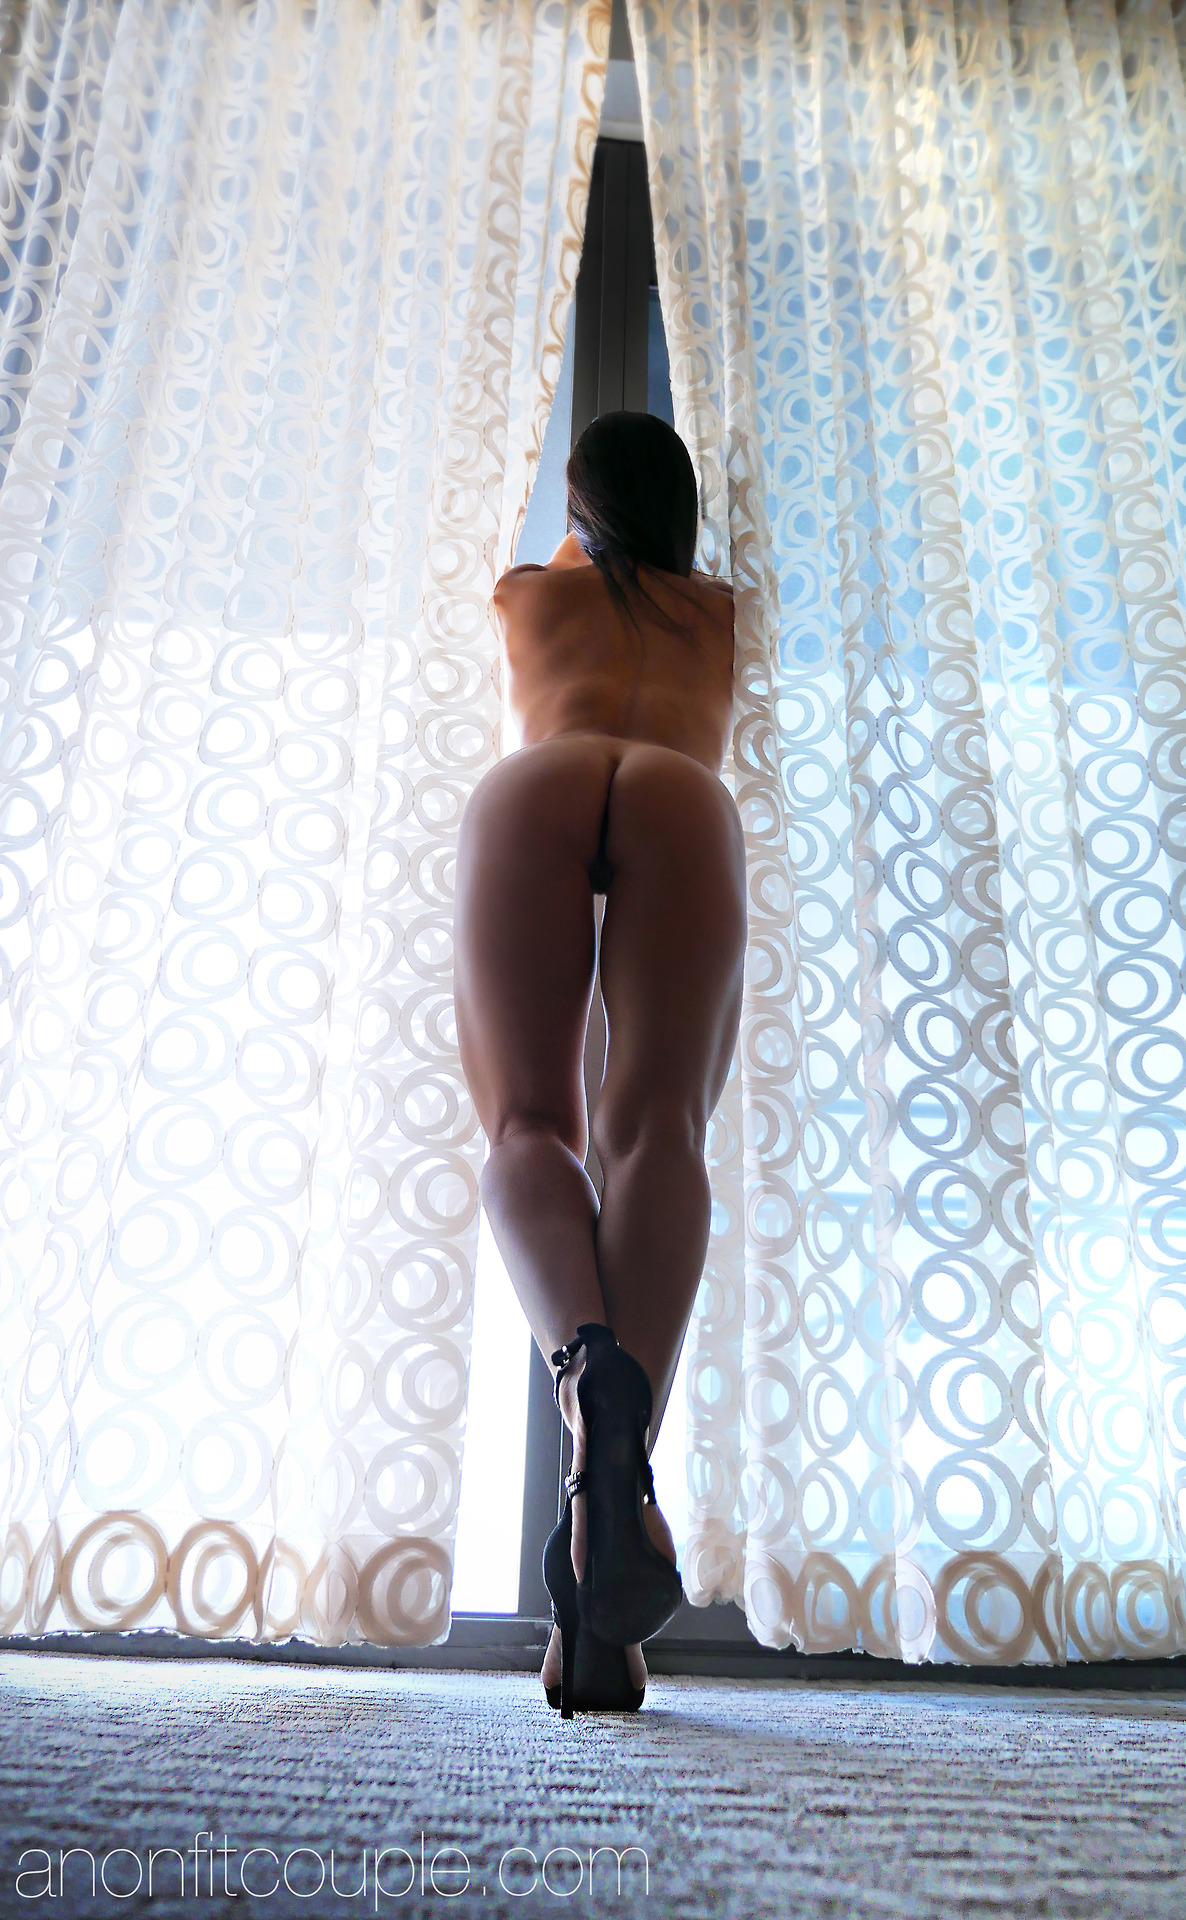 Оголенные сучки с анальной пробкой в жопах - секс порно фото